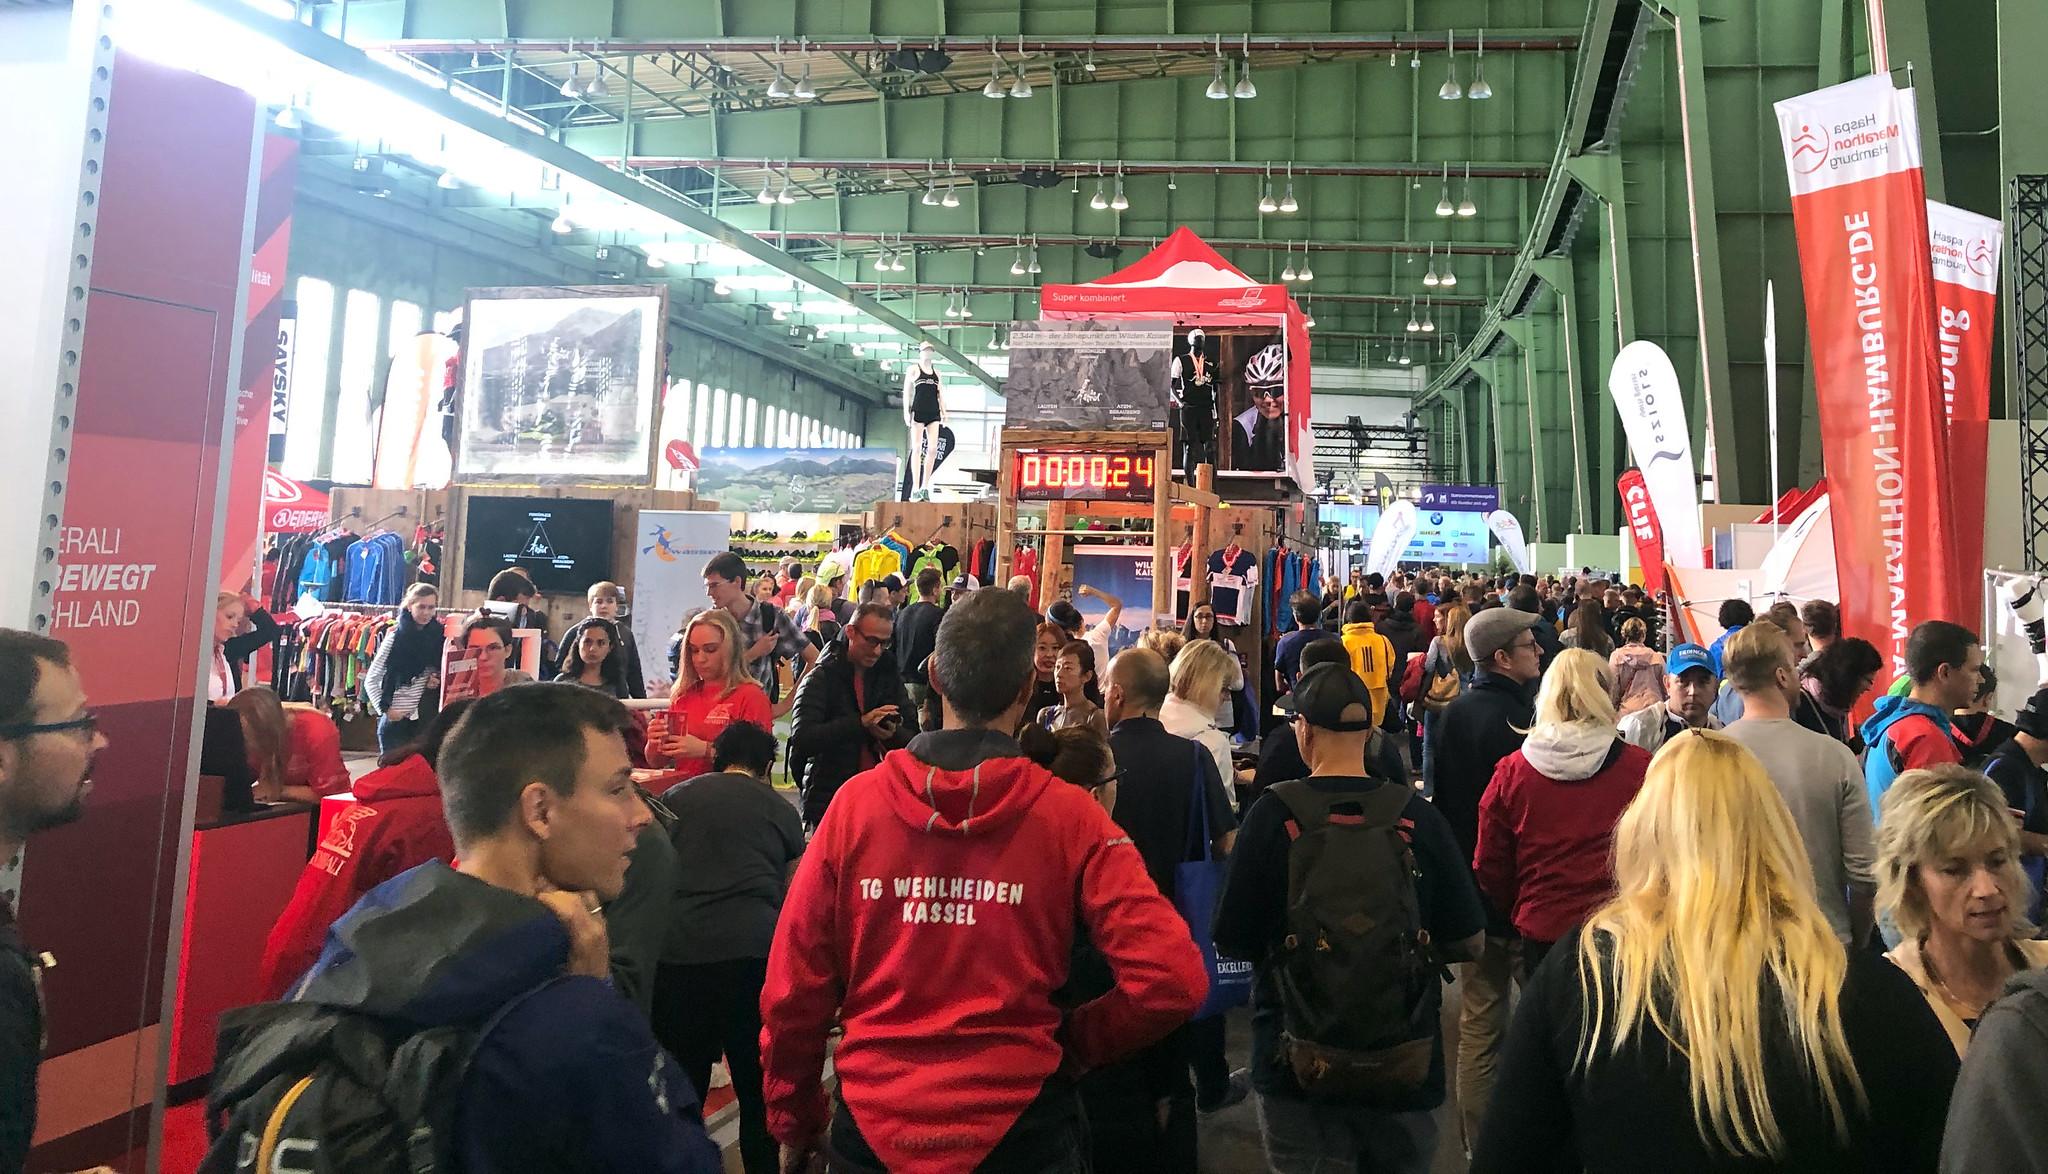 Correr el Maratón de Berlín - Berlin Marathon fotos photos - thewotme maratón de berlín - 49039071401 4f3338787a k - Correr el Maratón de Berlín: Análisis, recorrido, entrenamiento e inscripciones